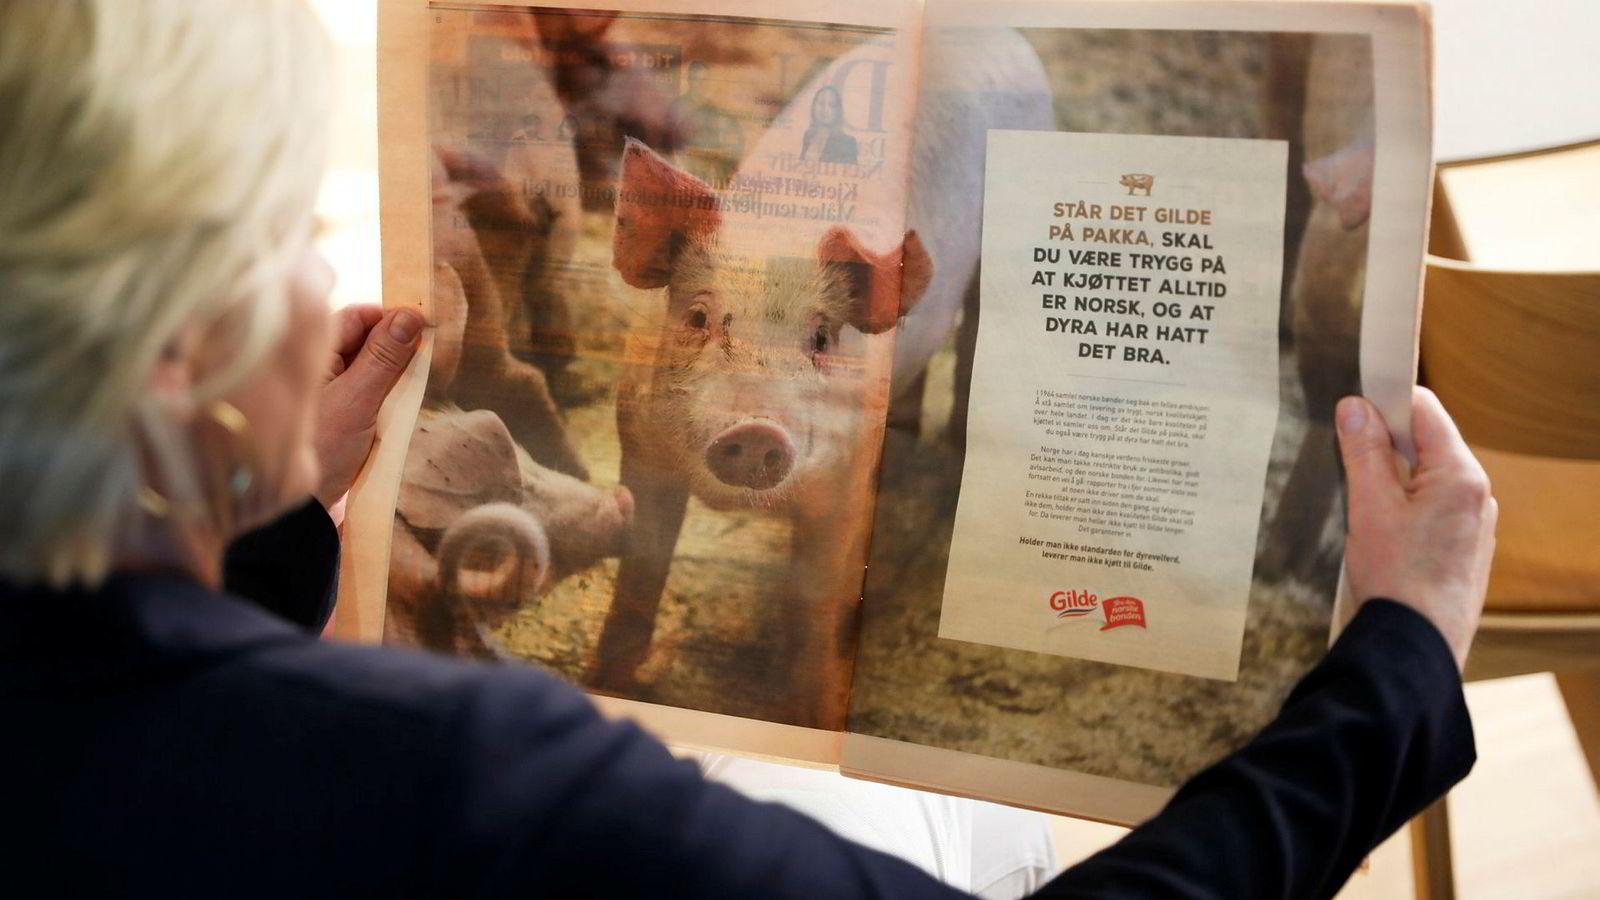 Gilde har provosert forbrukerene med annonse for norsk svinekjøtt. ---